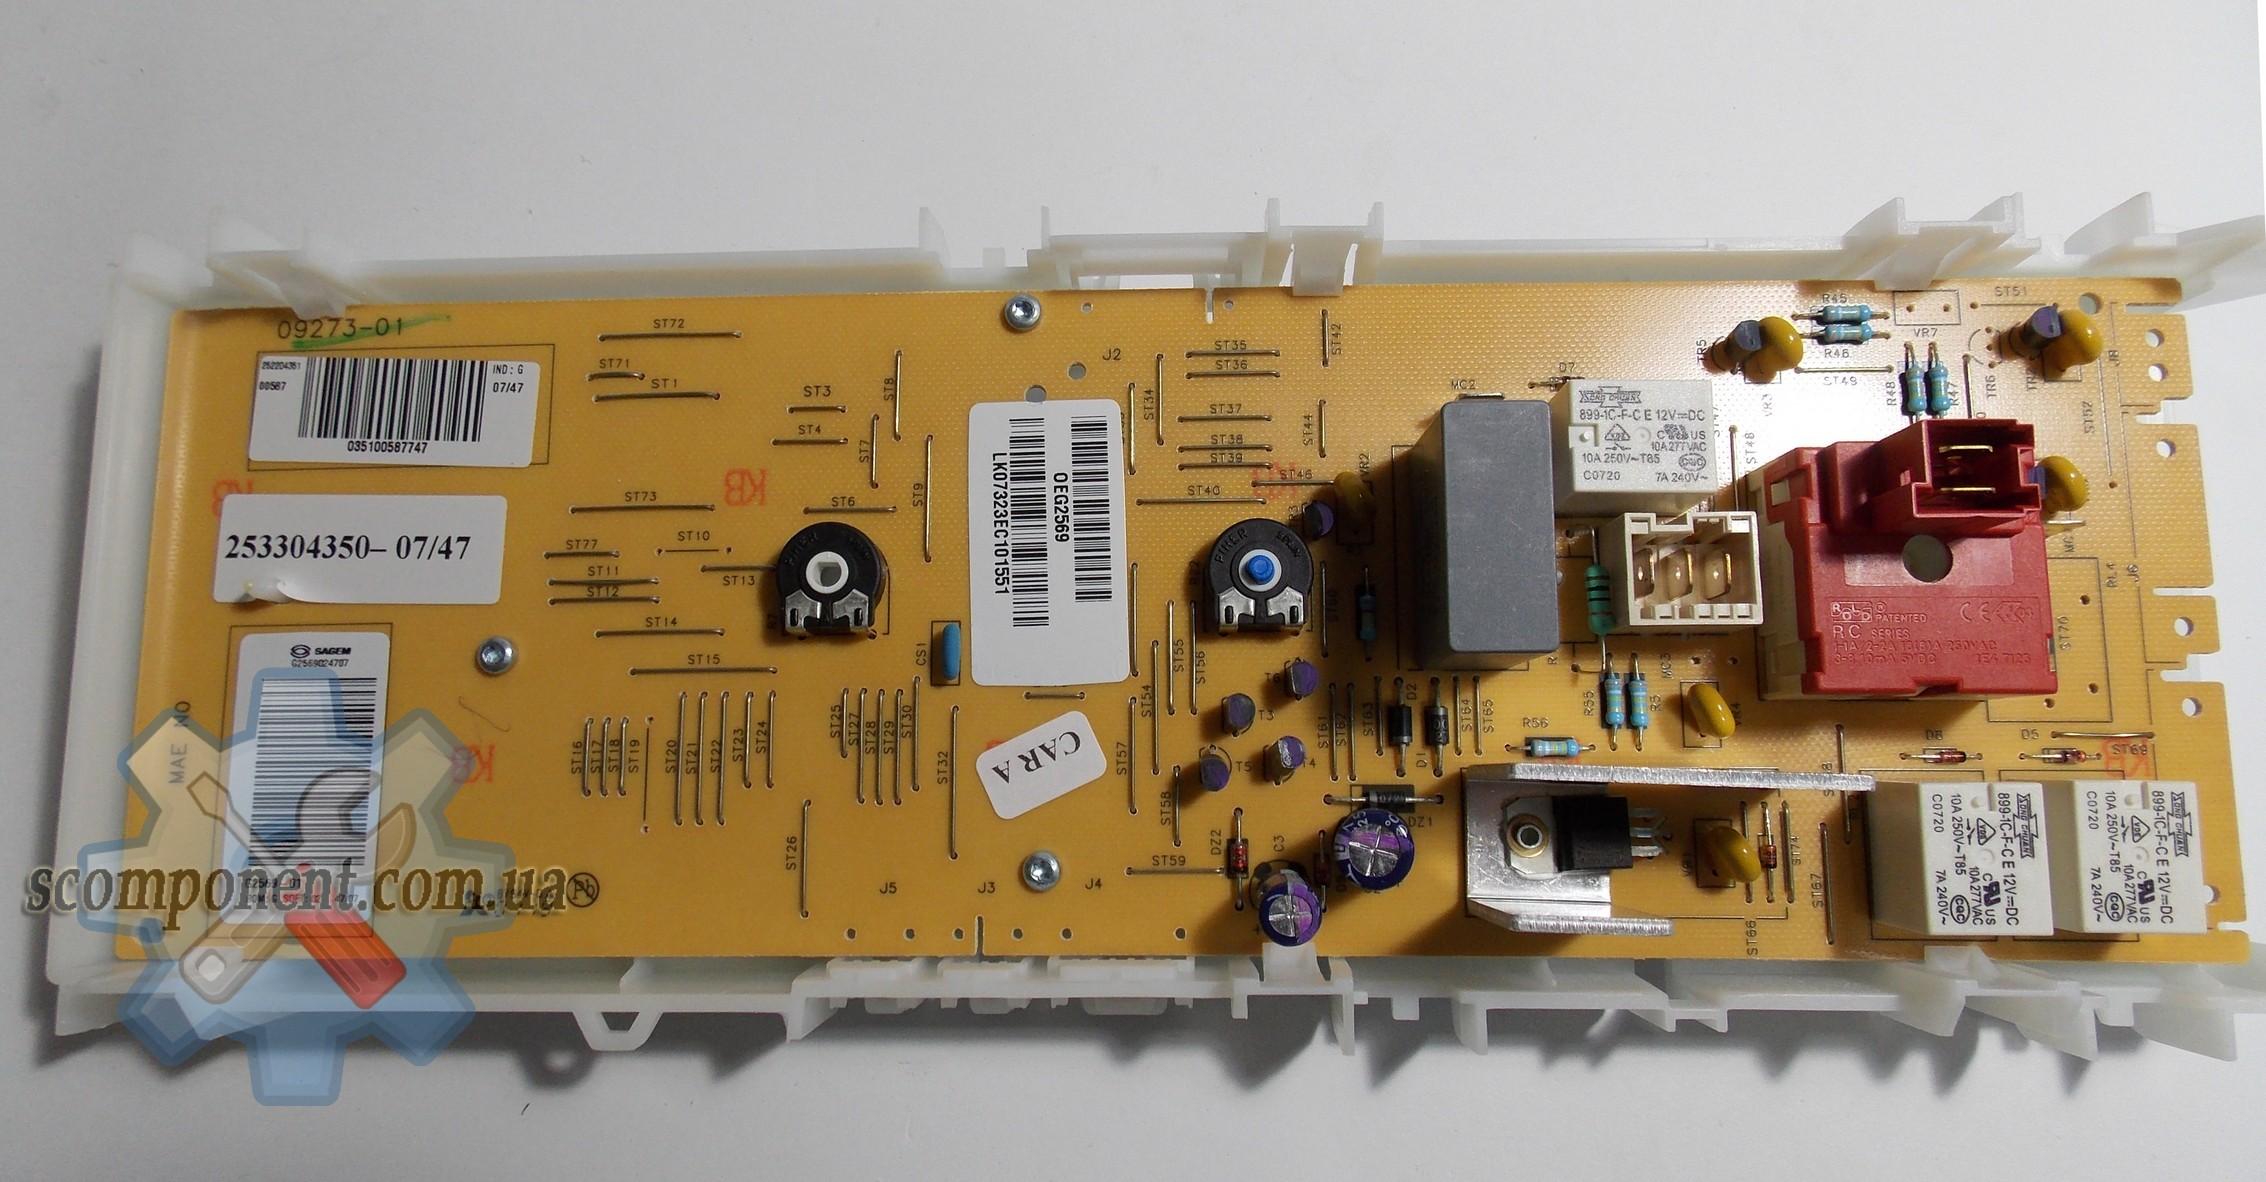 Схема модуля стиральной машины сименс